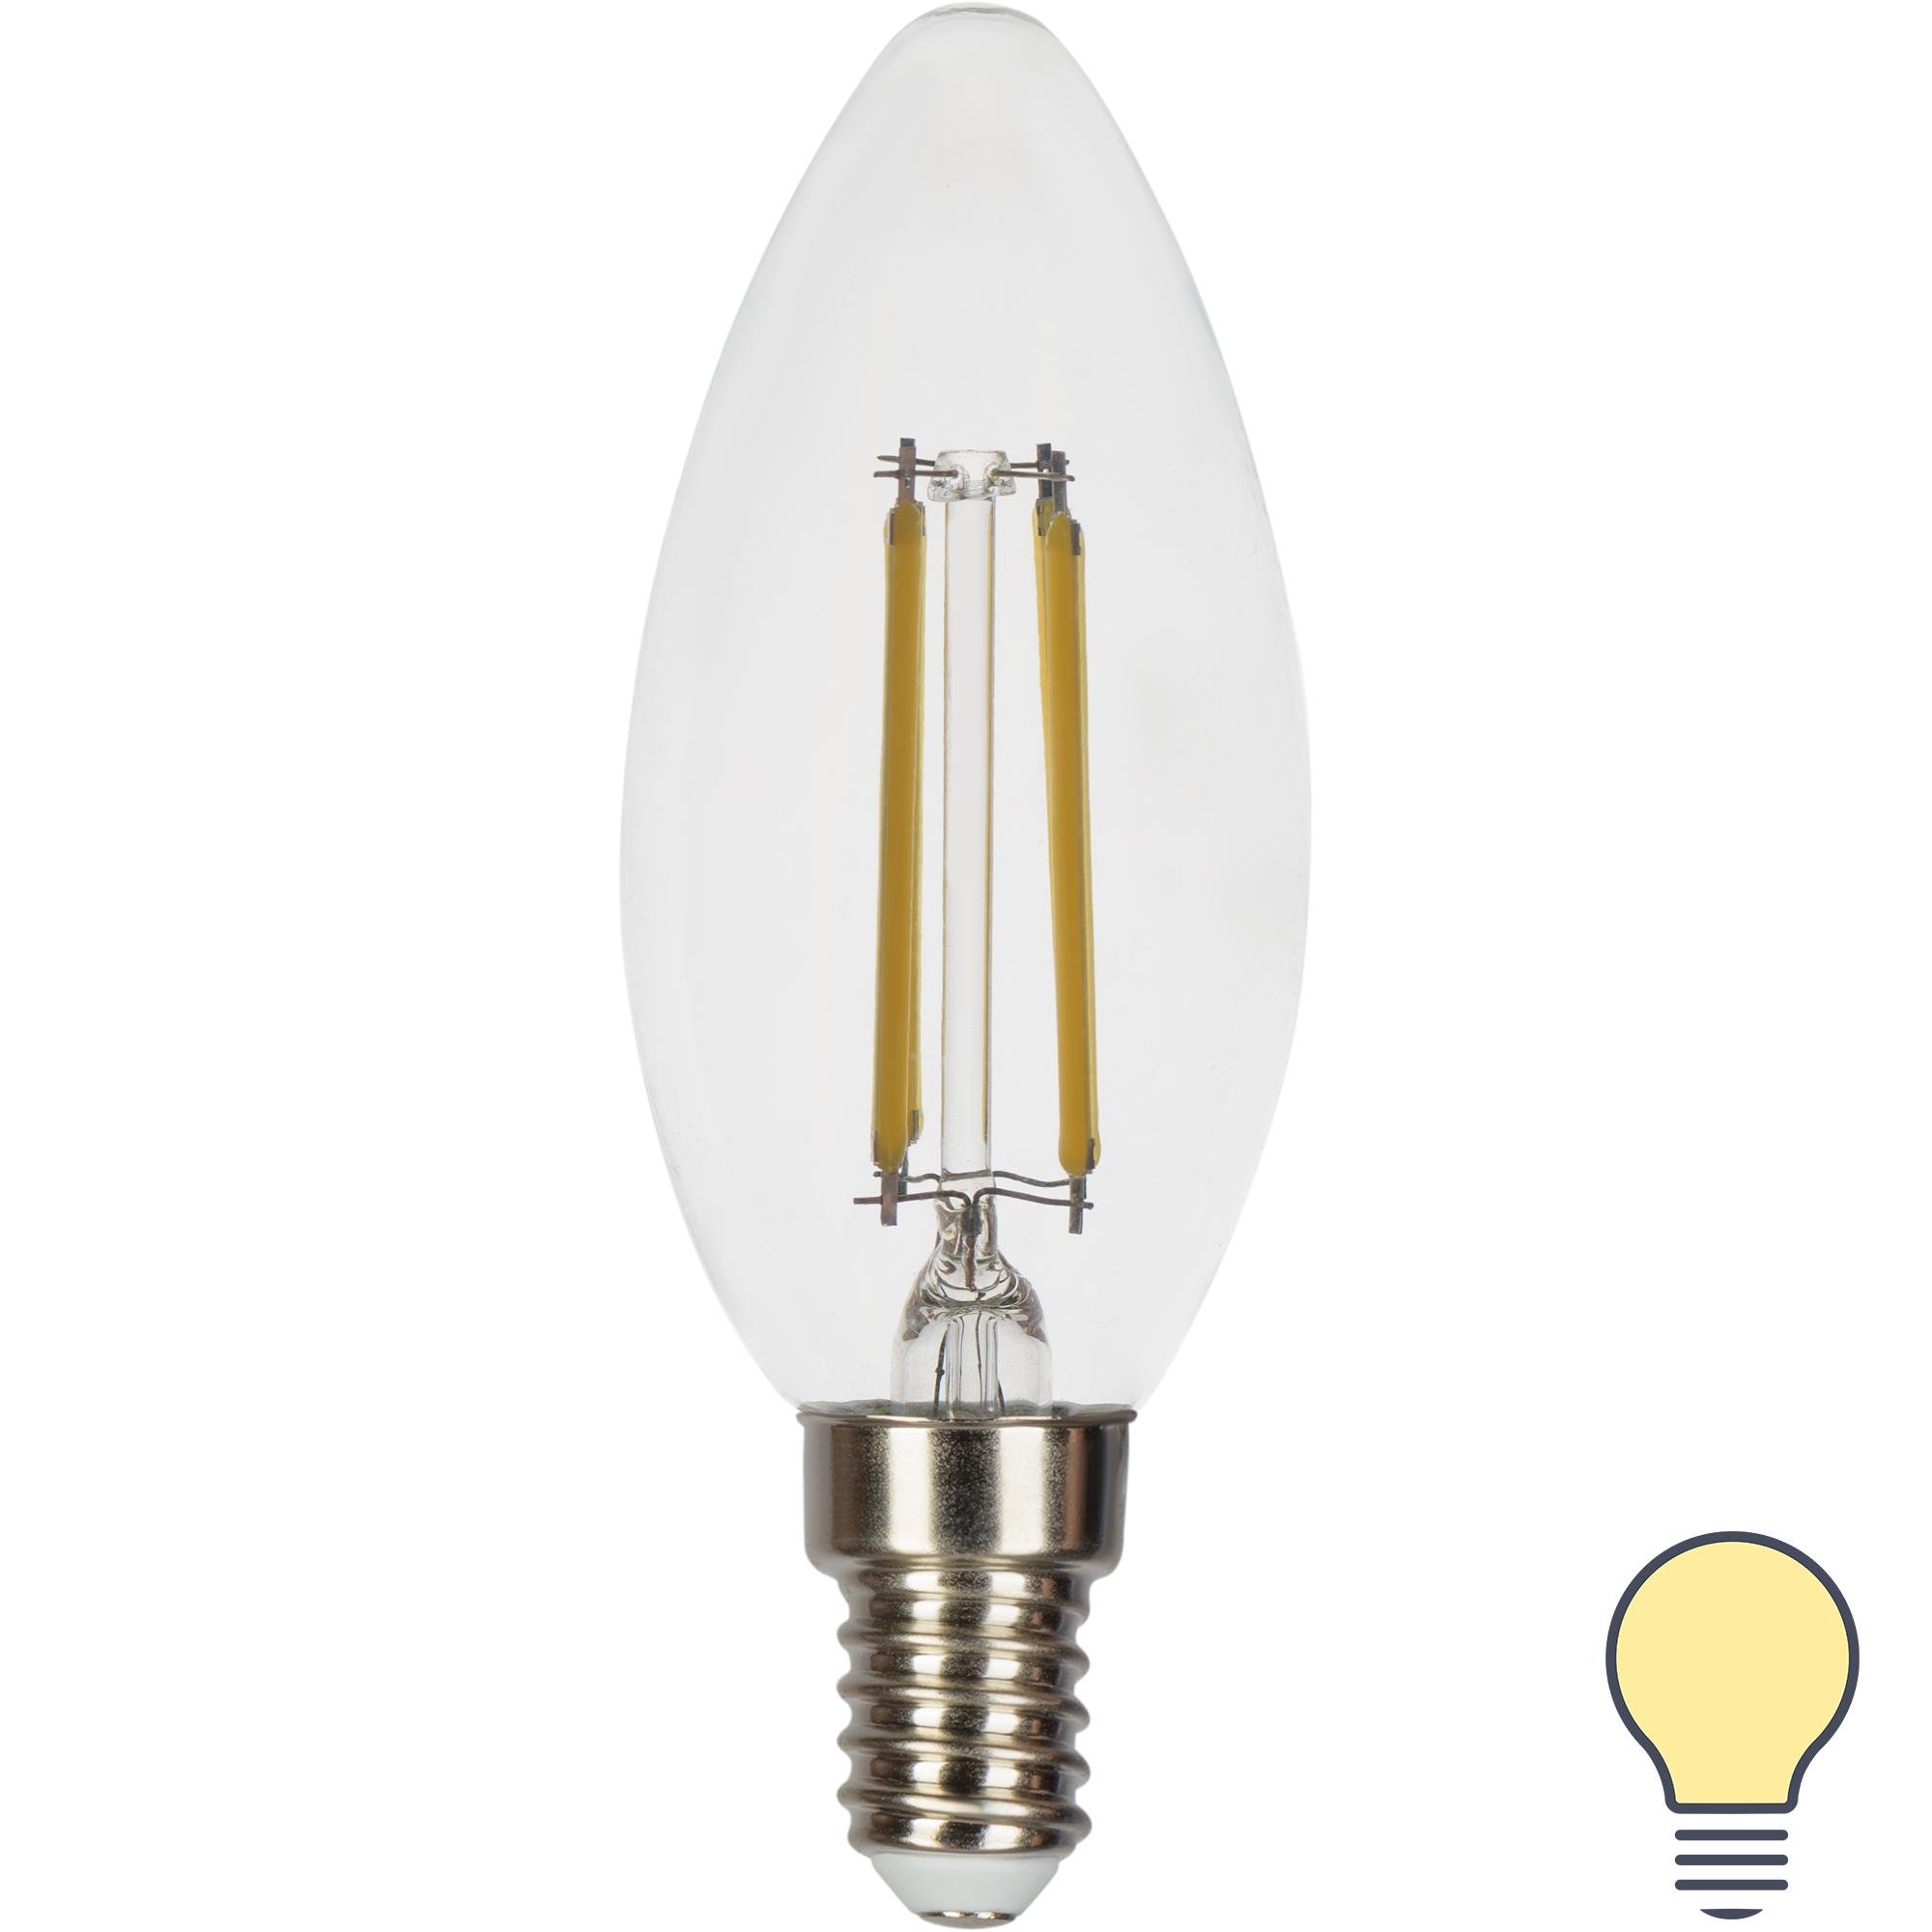 Лампа светодиодная Gauss LED Filament E14 11 Вт свеча прозрачная 720 лм тёплый белый свет